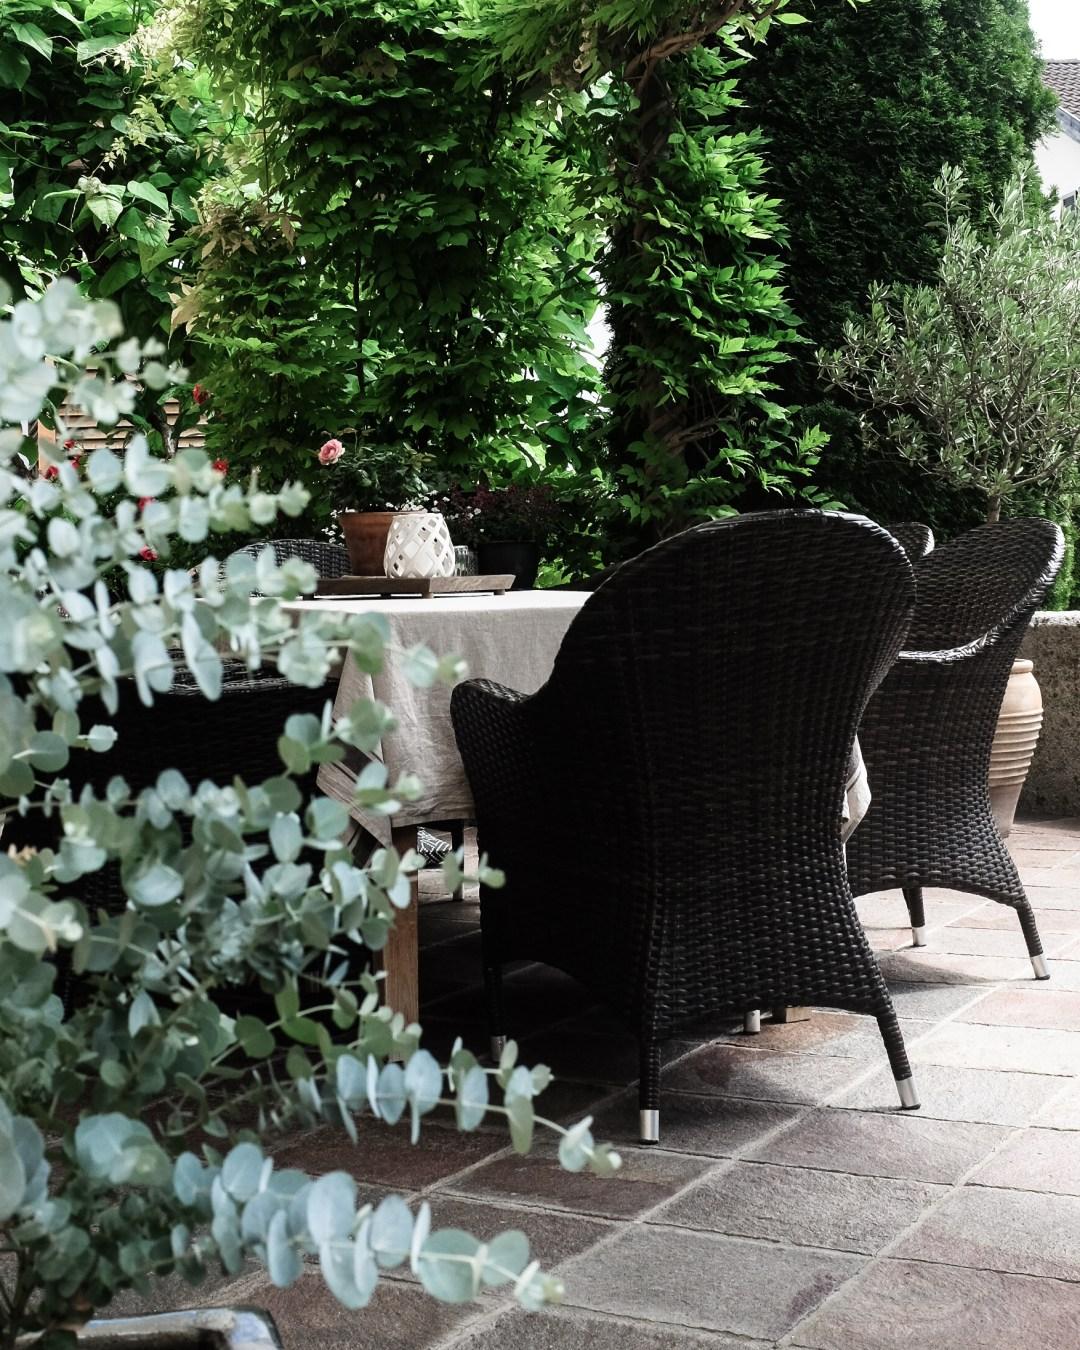 inastil, Ü50Blogger, mein schöner Garten, Sommergarten, Grillen, bestes Grillhähnchen, Sommertisch, toskanisches Platthuhn Rezept, outdoorliving, Rosen, Gartenblicke-16